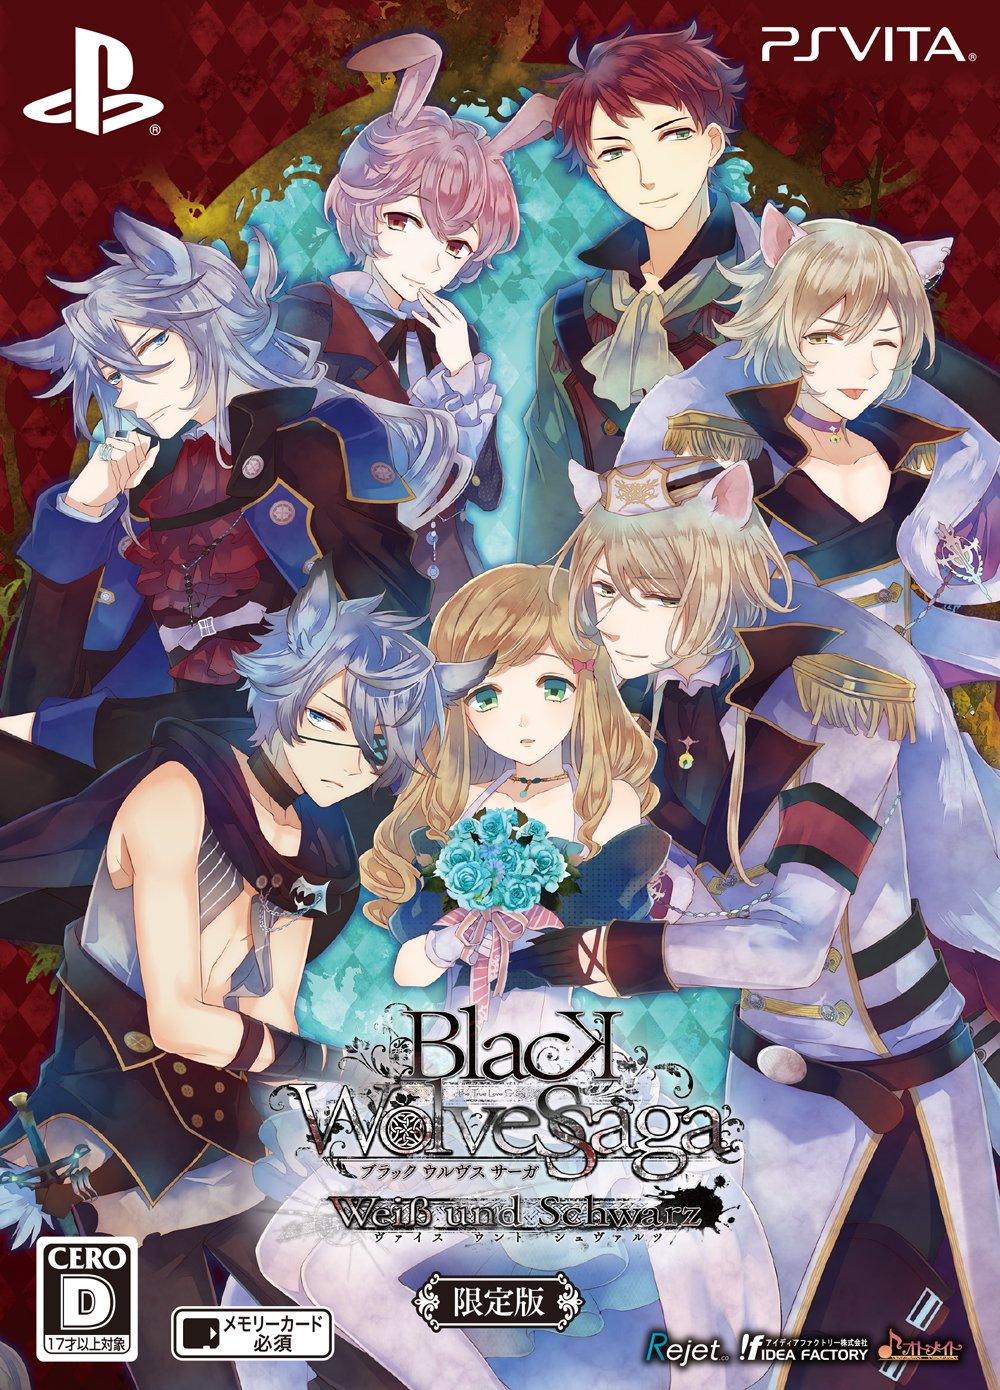 BLACK WOLVES SAGA -Weiβ und Schwarz- 限定版 - PS Vita